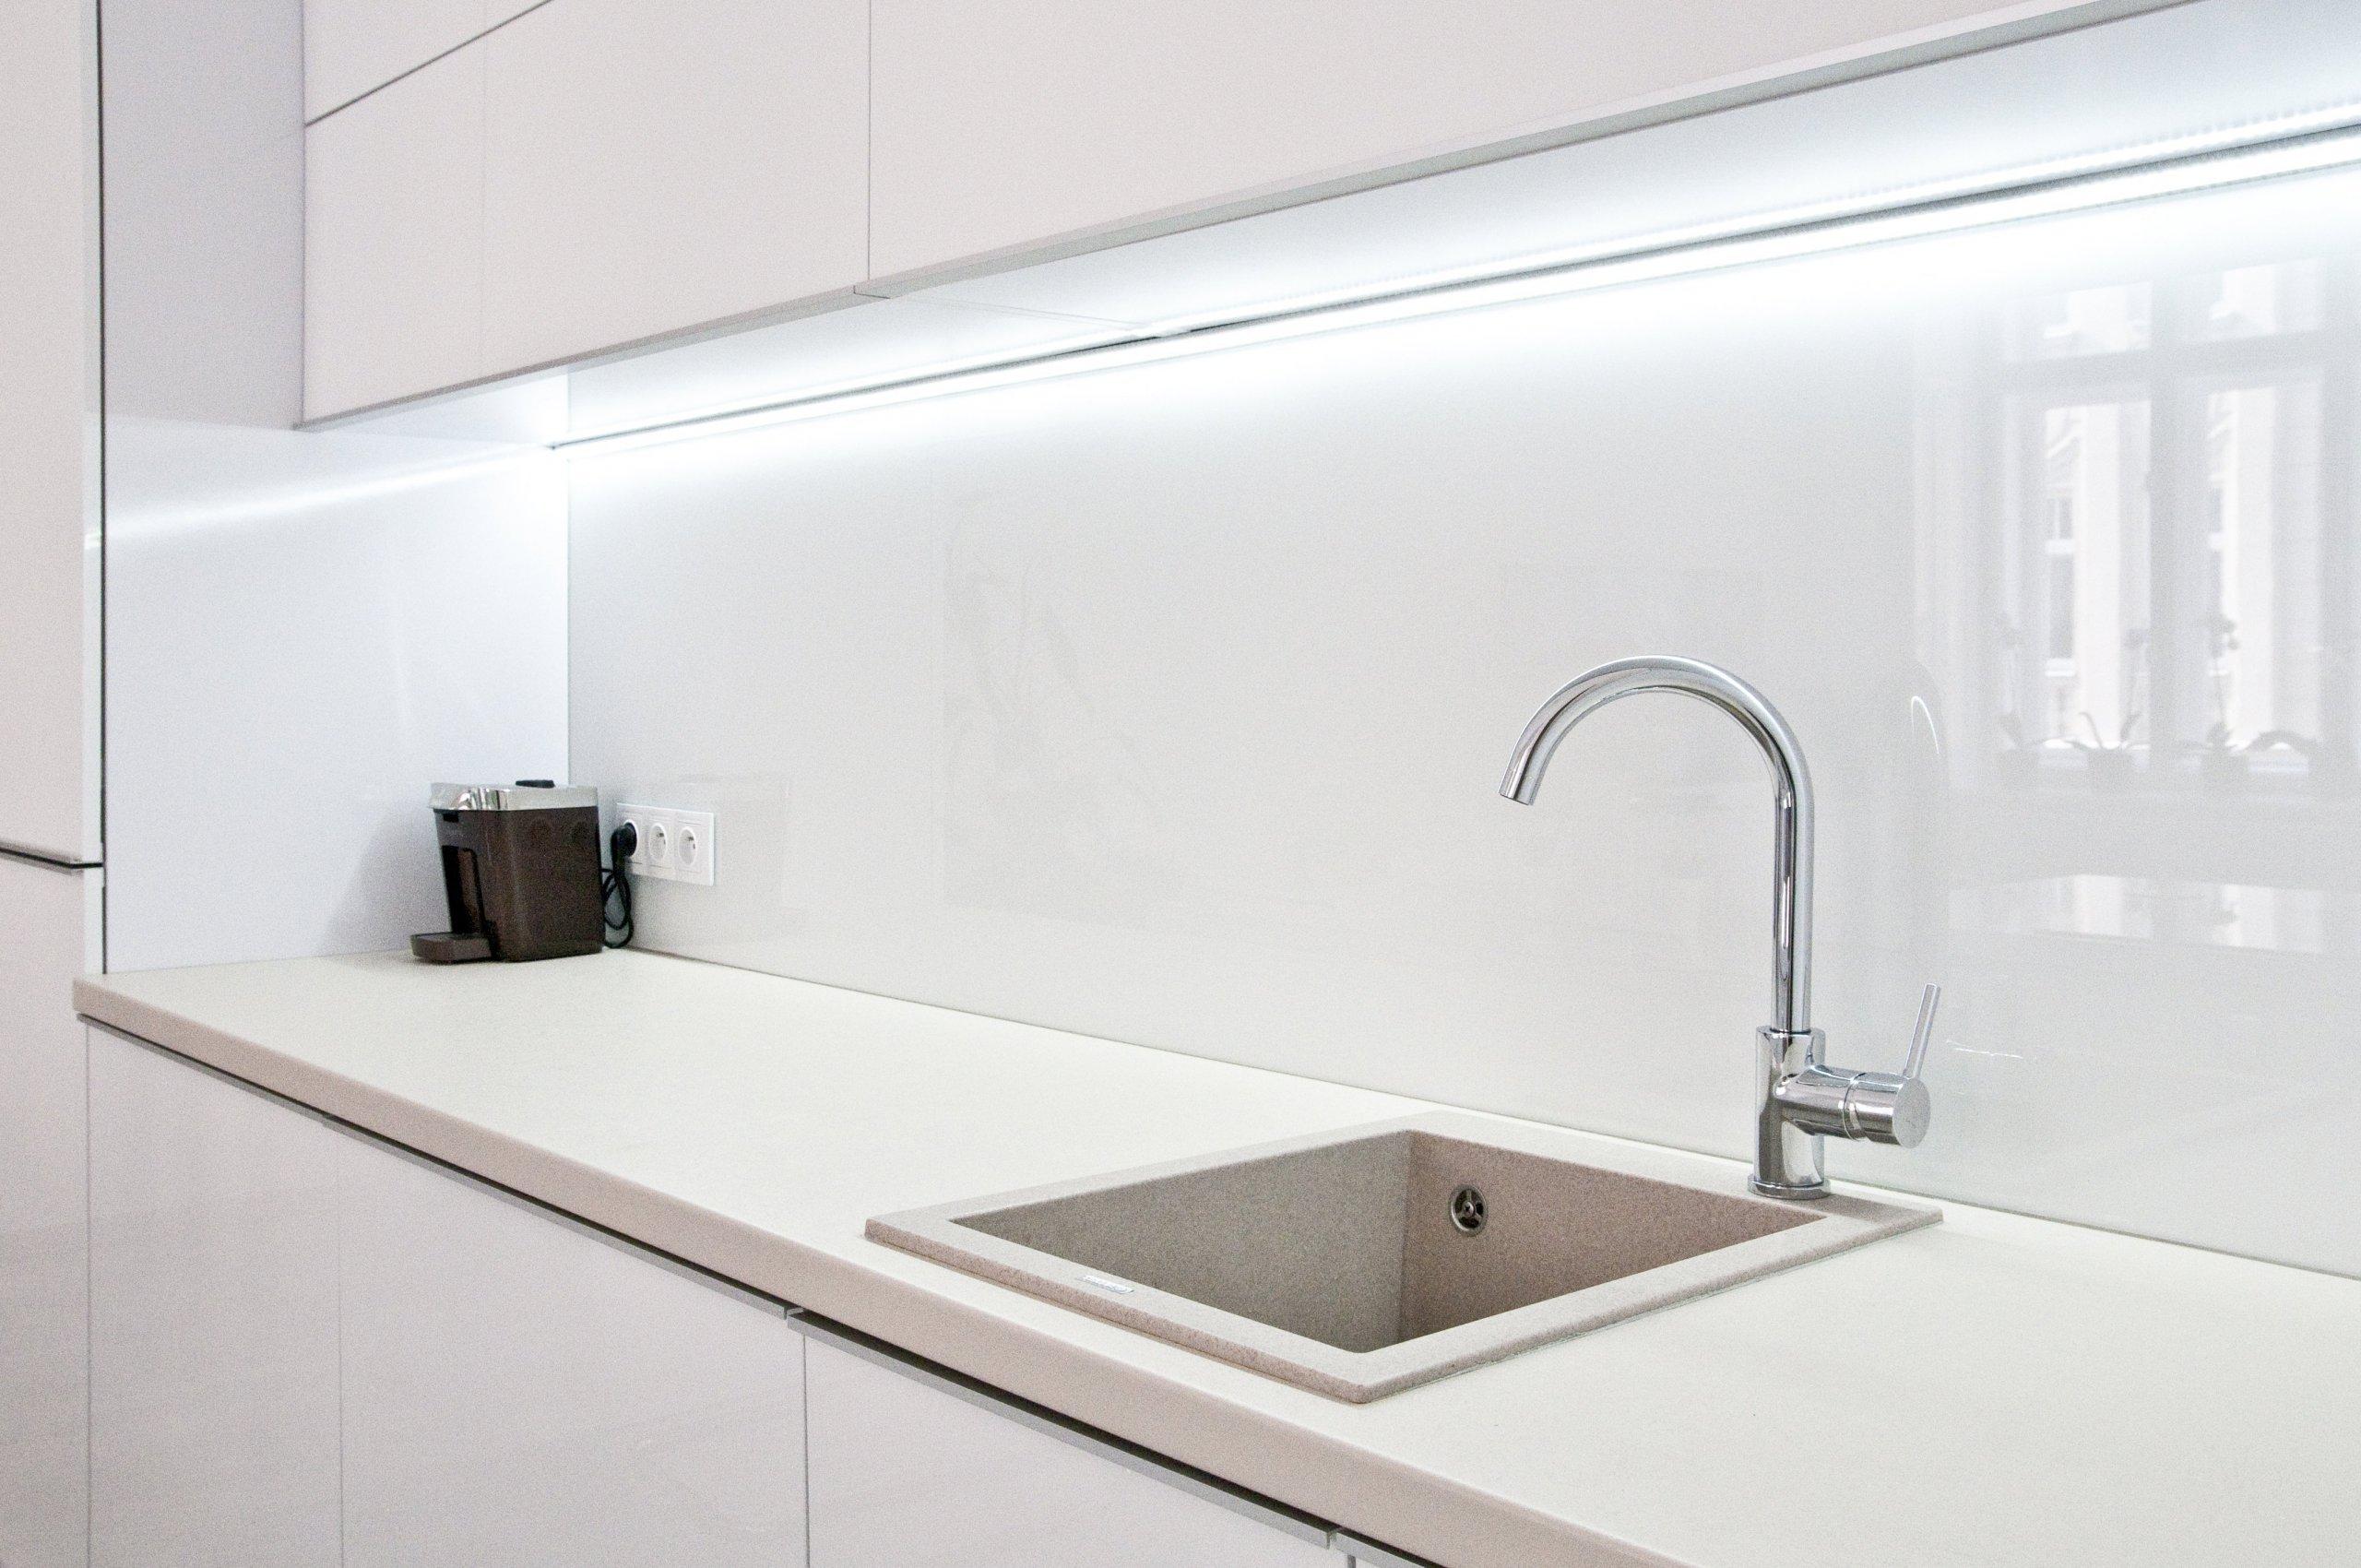 Krásná kuchyňská linka, která je laděna převážně do bílé barvy. Kuchyně působí velmi čistým, jemným a klidným dojmem. Lesklost materiálů, použití skla a světlé…